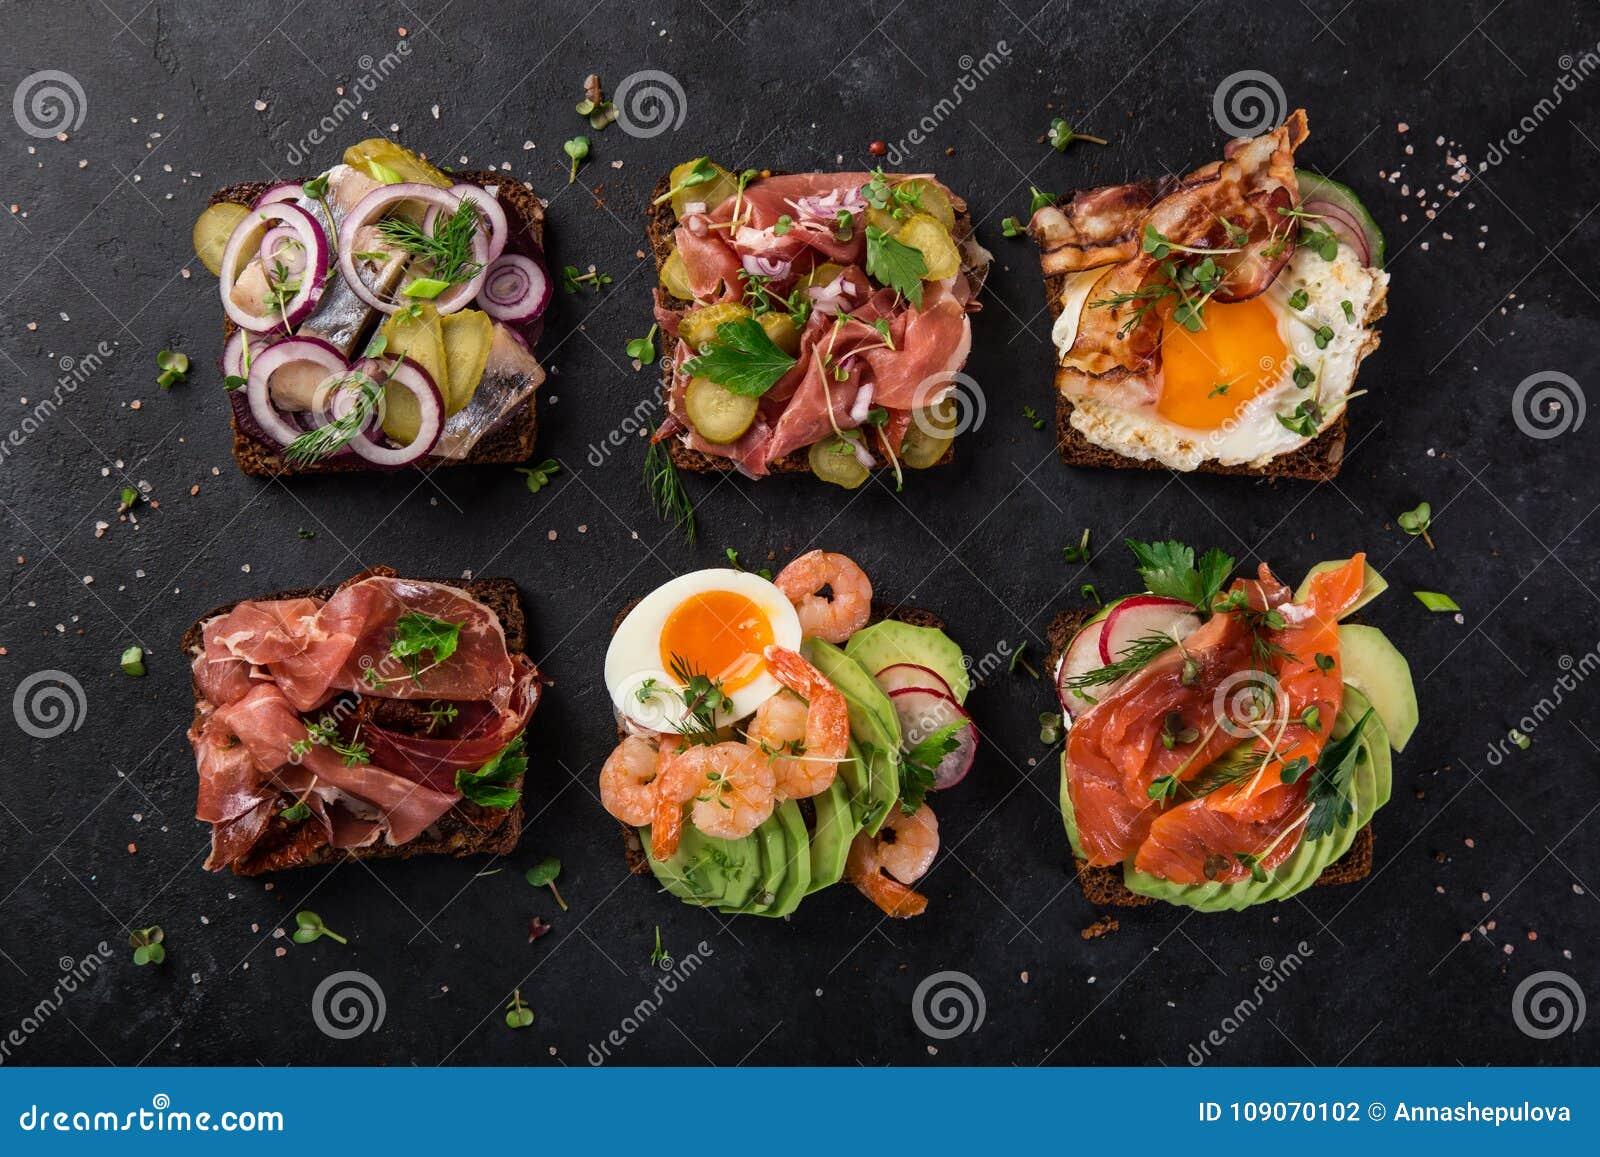 Smorrebrod, sanwiches aperti del Danese tradizionale, wi scuri del pane di segale